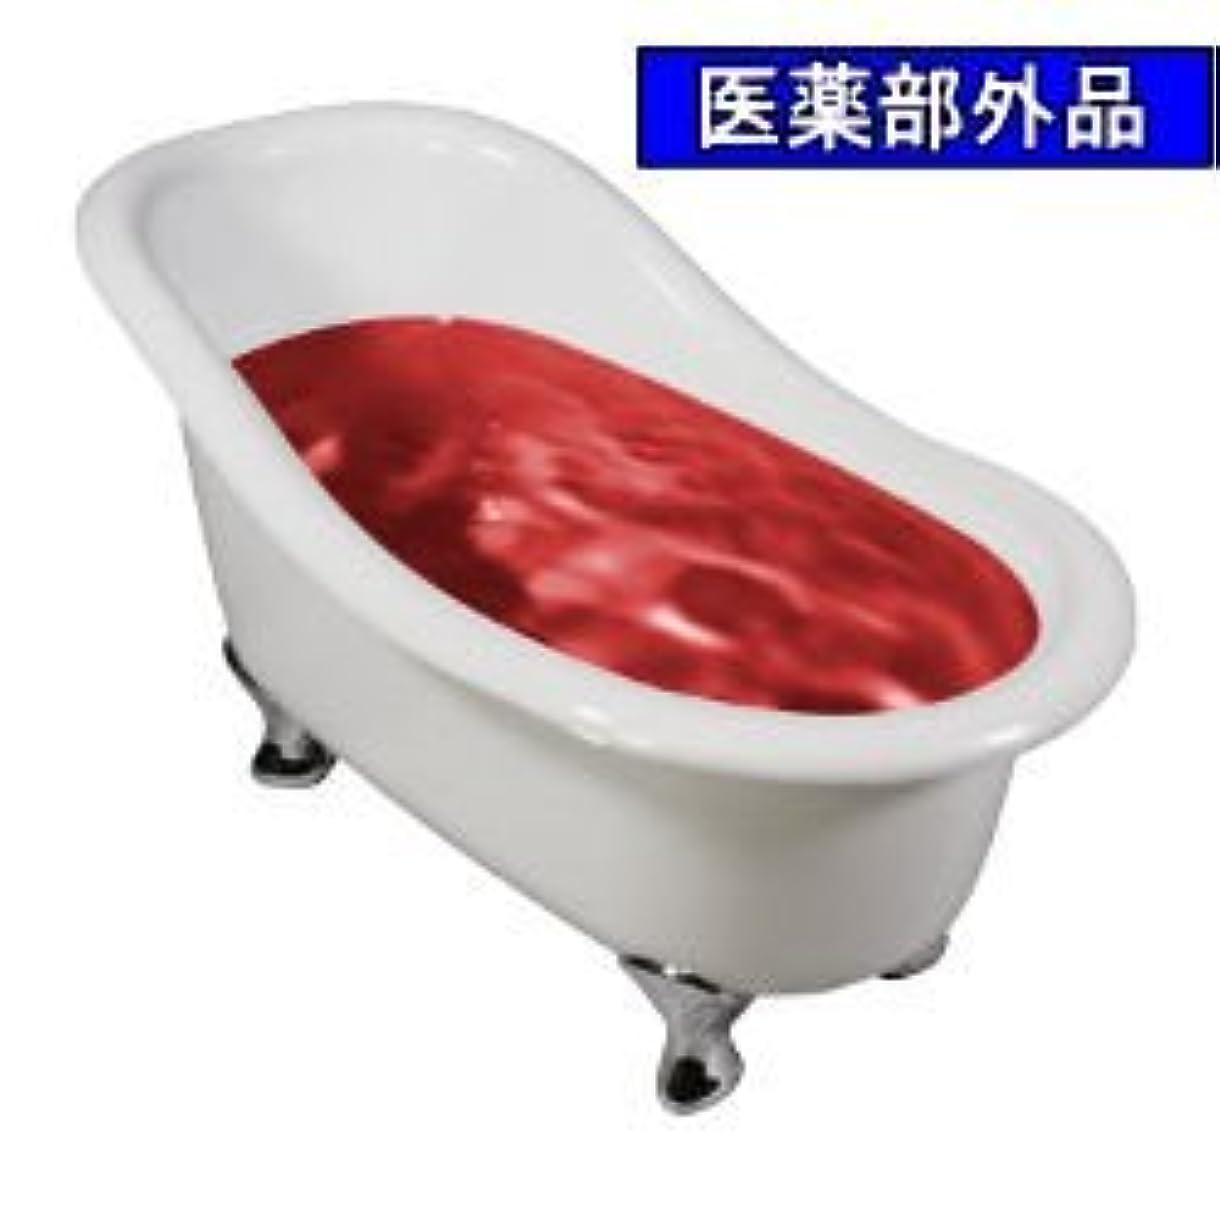 着実に使い込むまろやかな業務用薬用入浴剤バスフレンド 生薬 17kg 医薬部外品